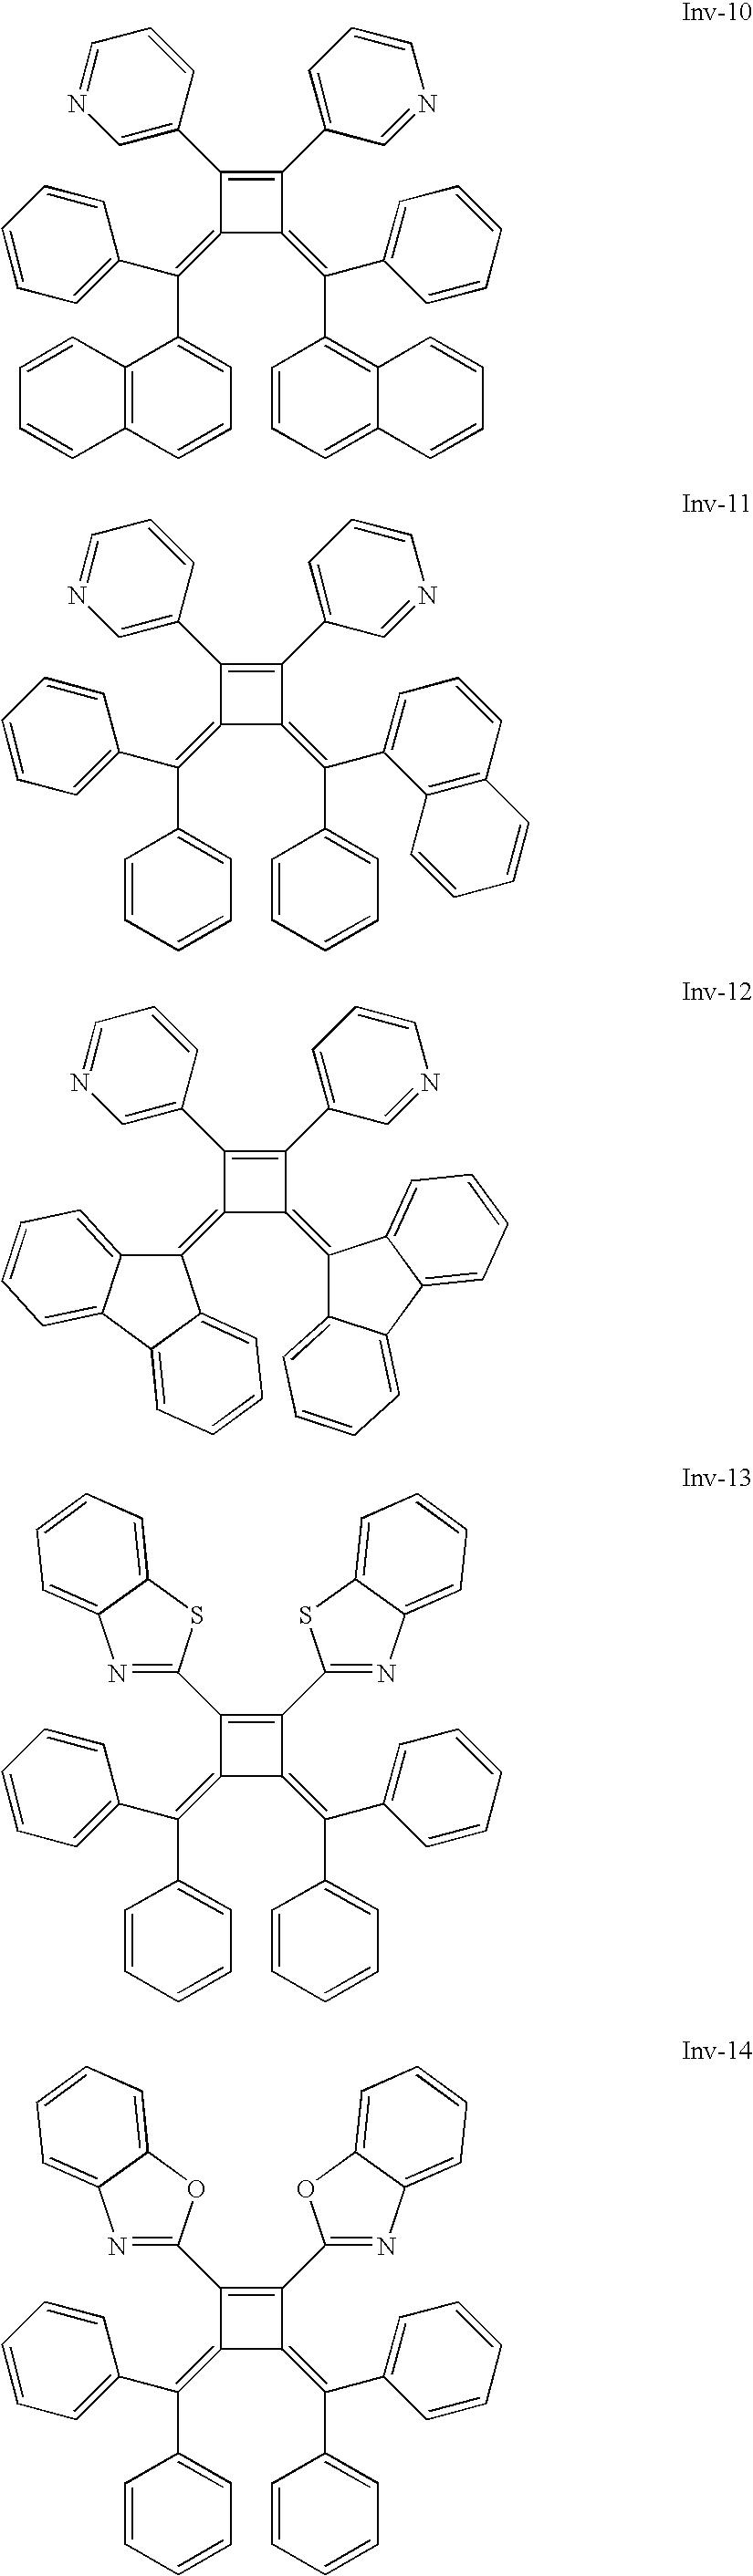 Figure US07968215-20110628-C00010